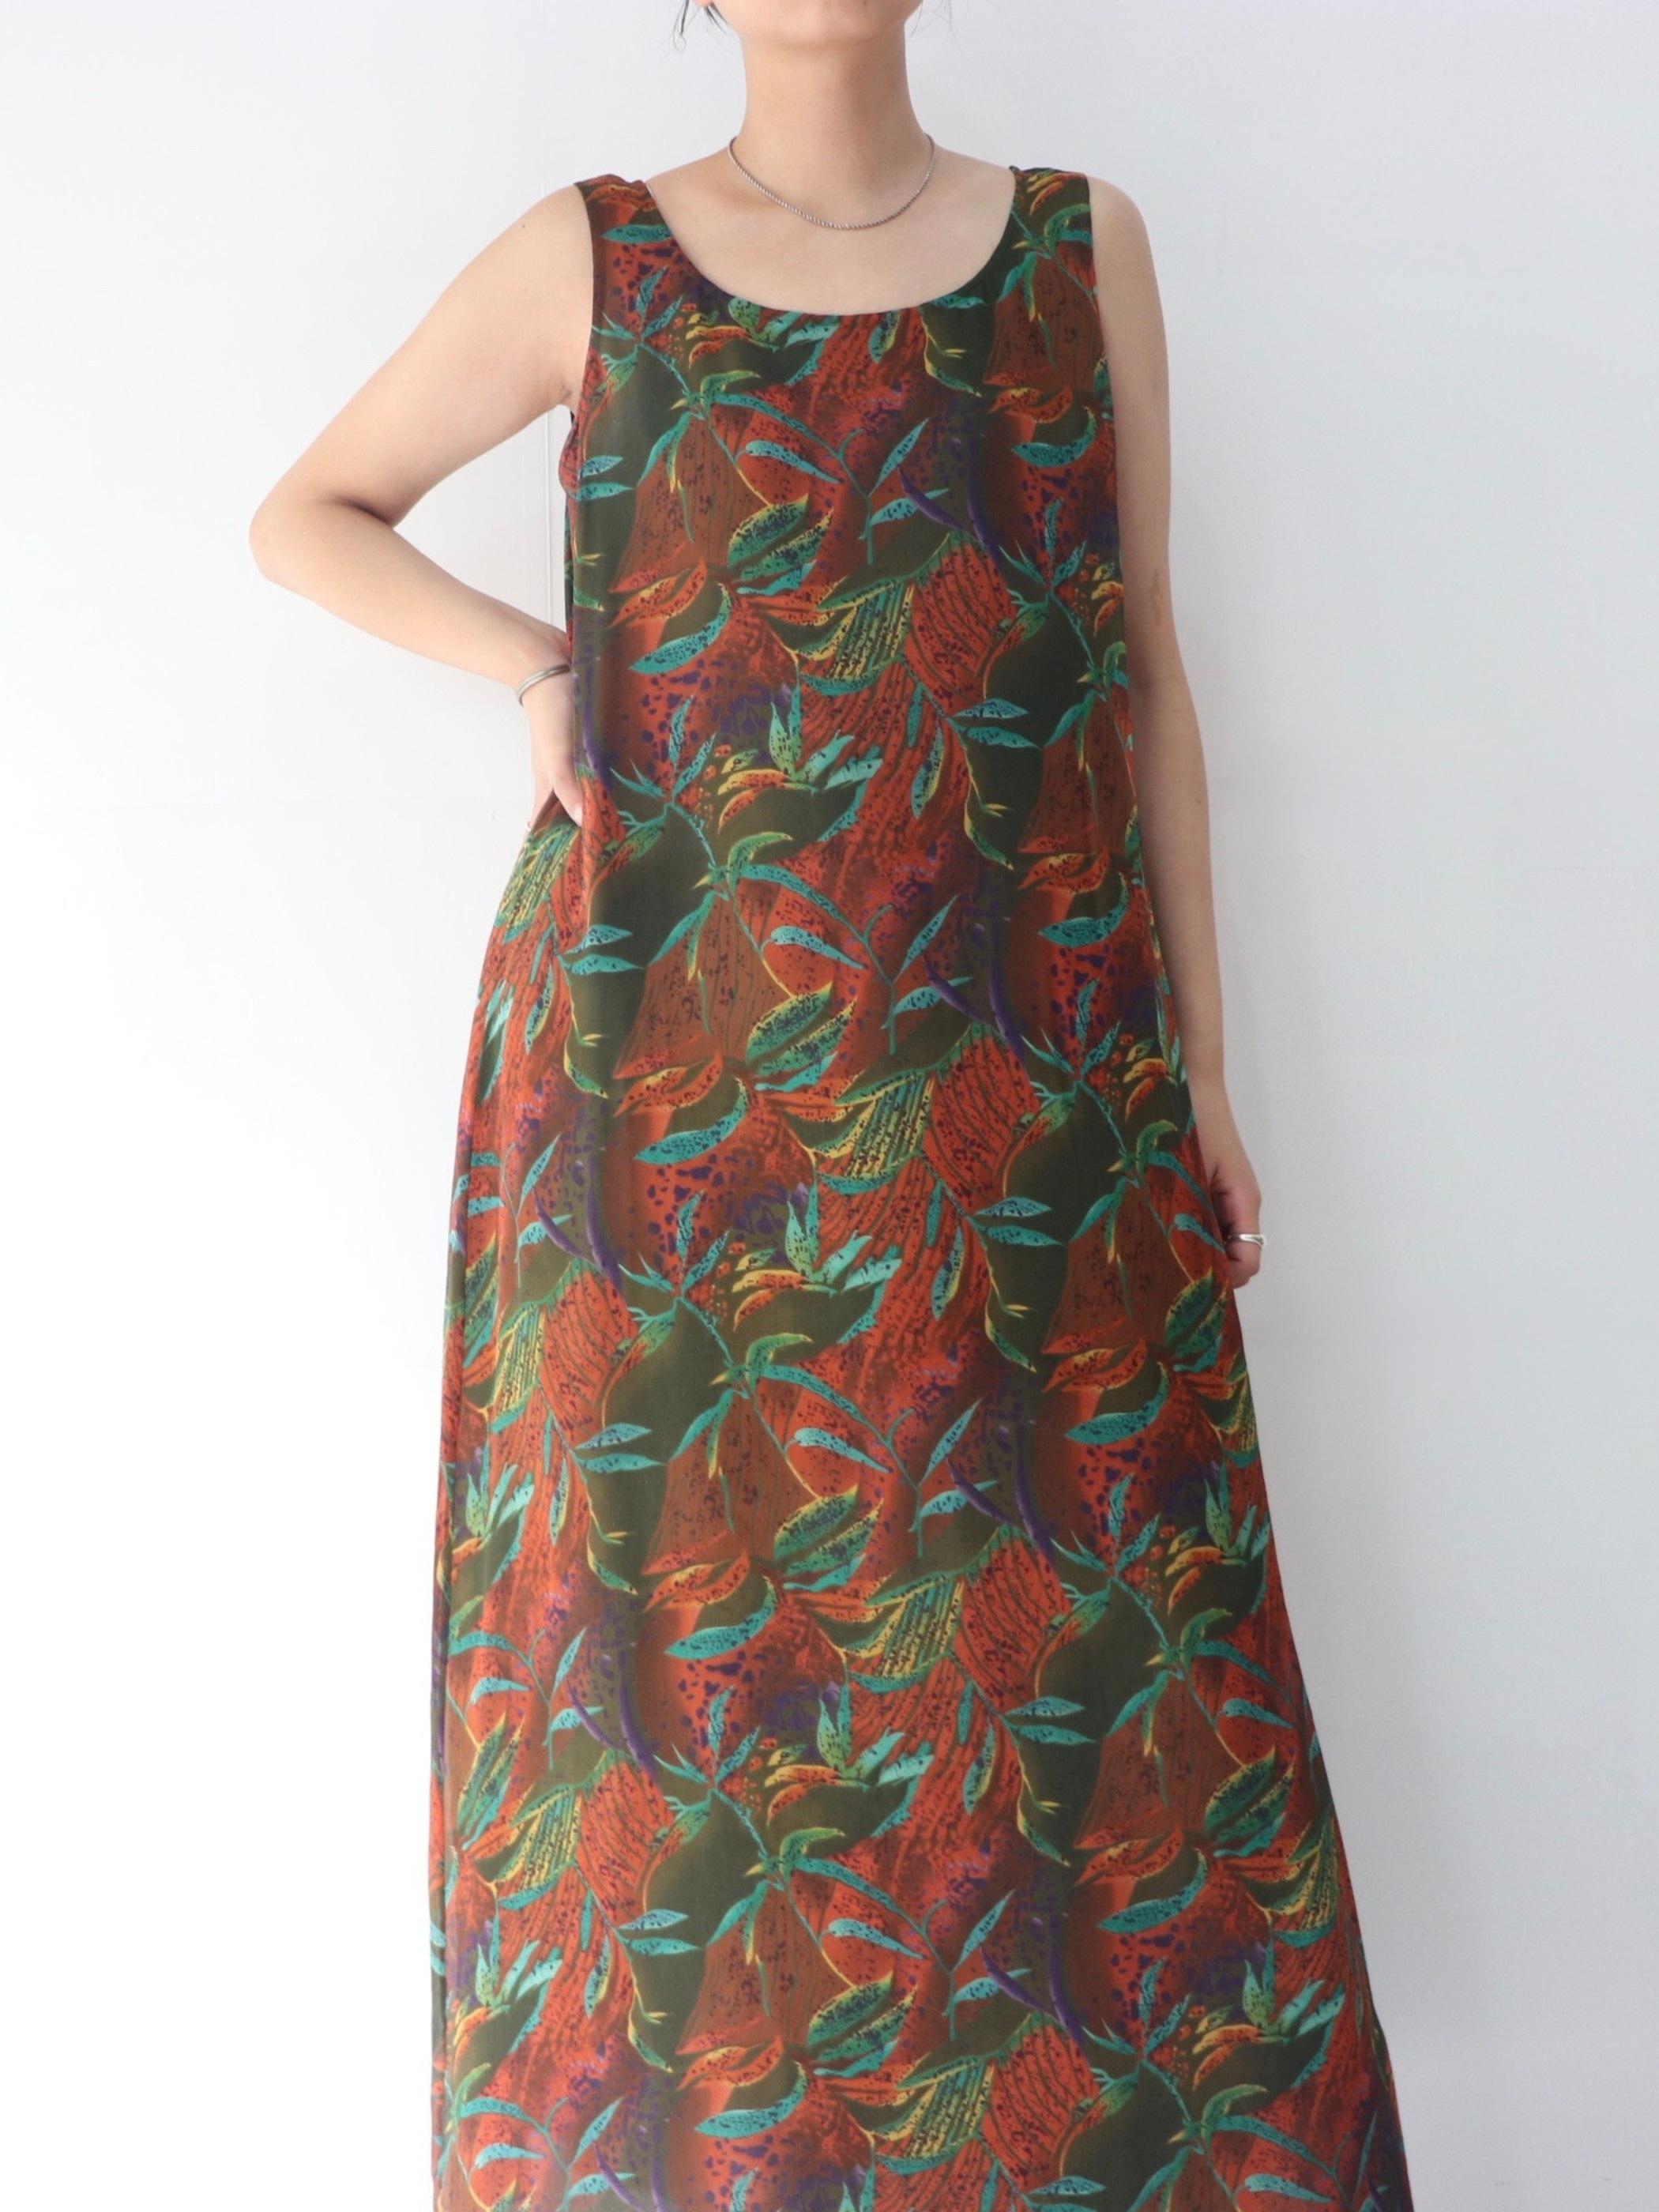 Botanical Shirt & One-piece 2pcSet